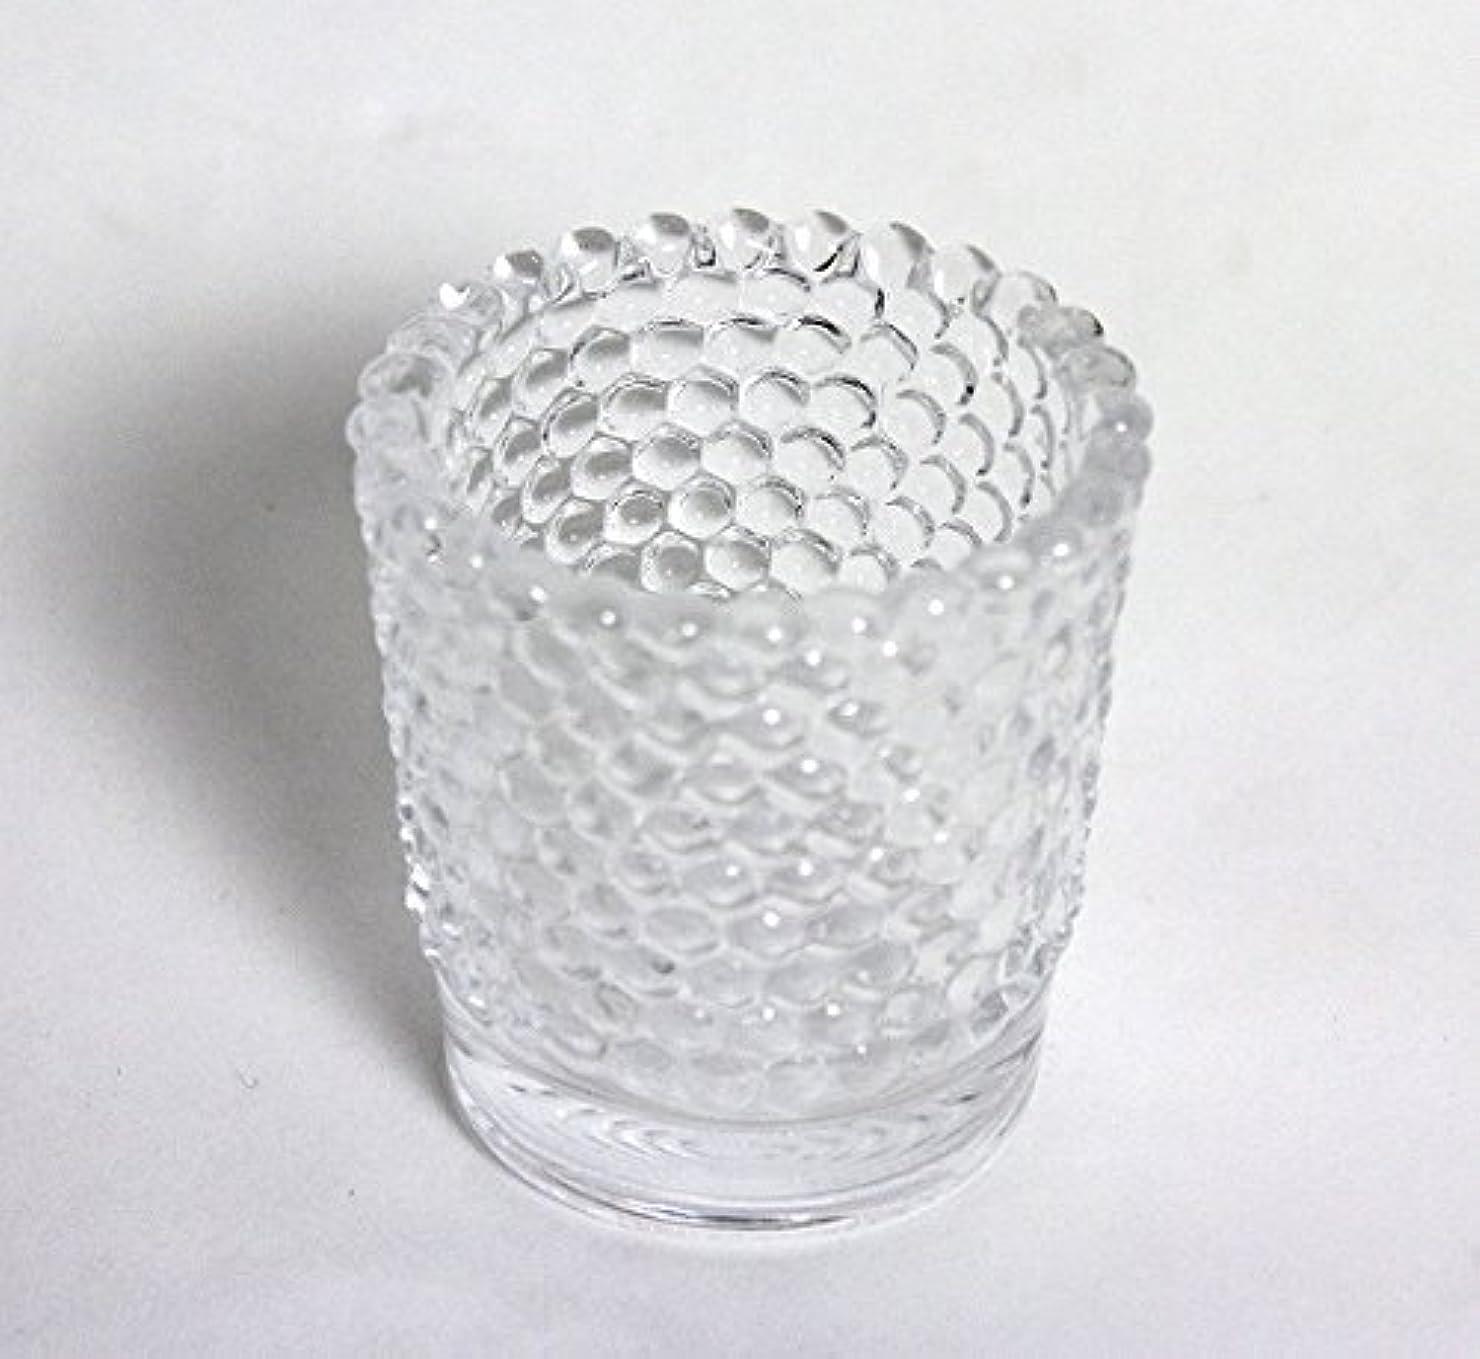 混沌昆虫スナックカメヤマキャンドル( kameyama candle ) ホビネルグラス 「 クリスタル 」